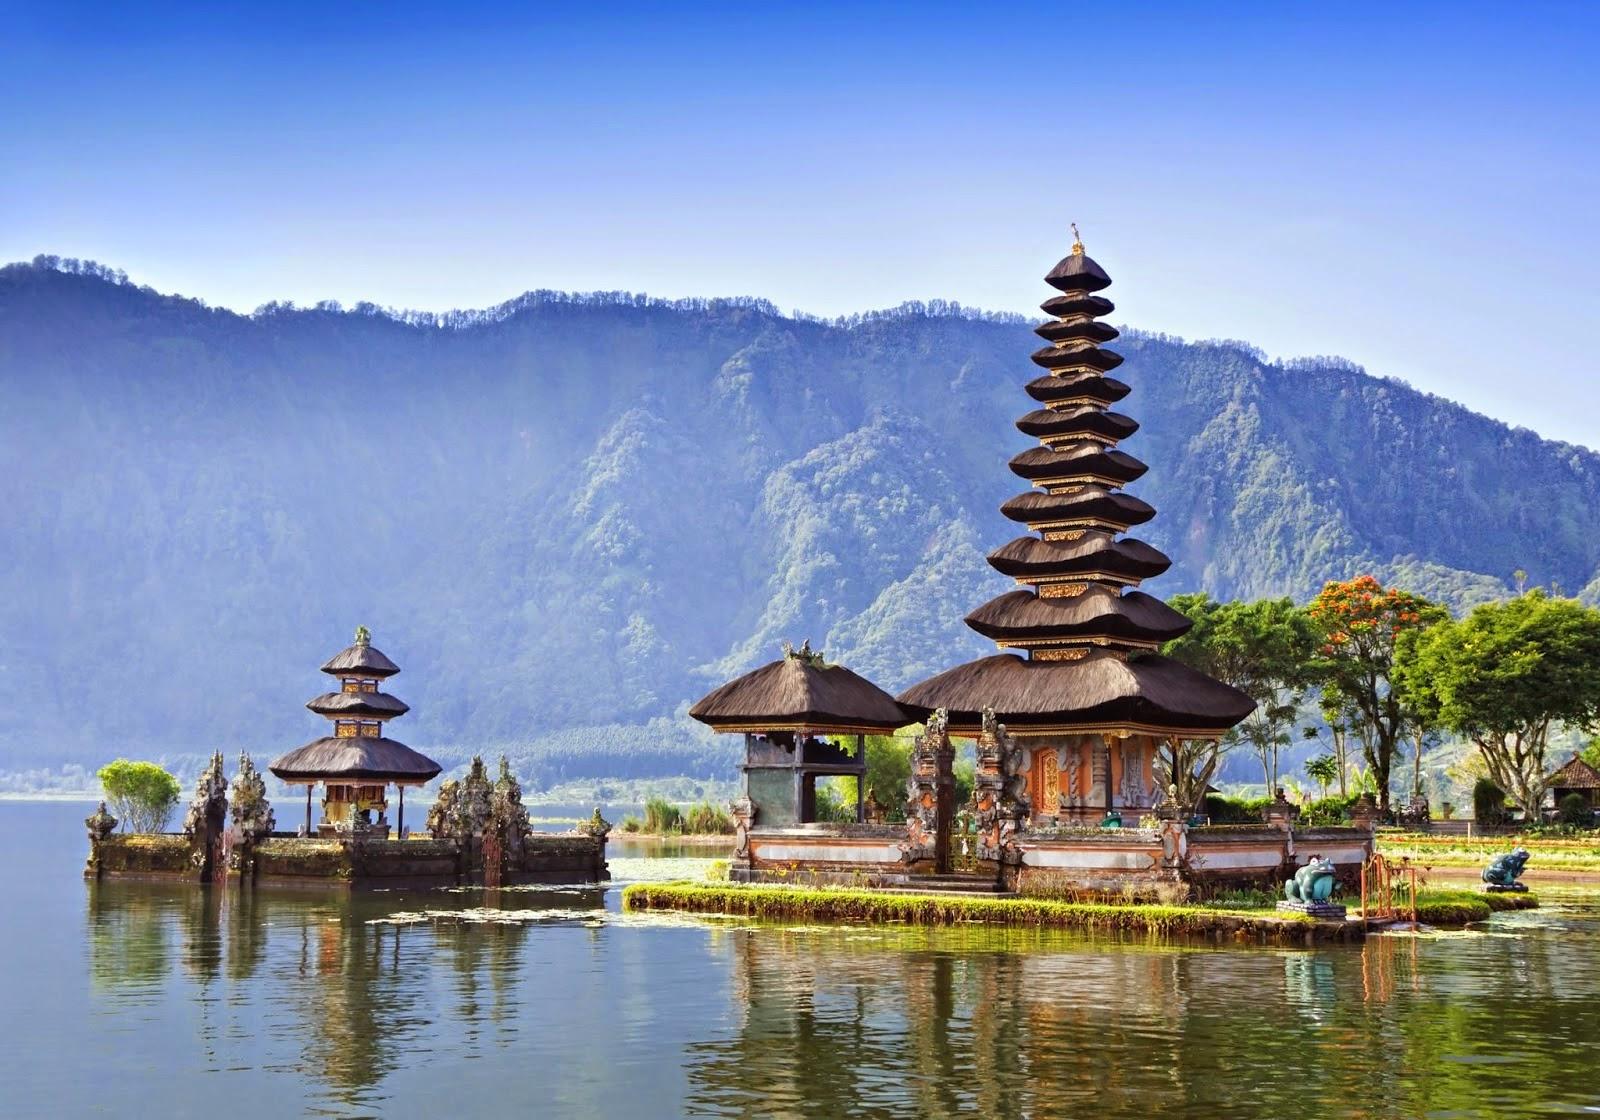 tempat wisata yang indah di dunia